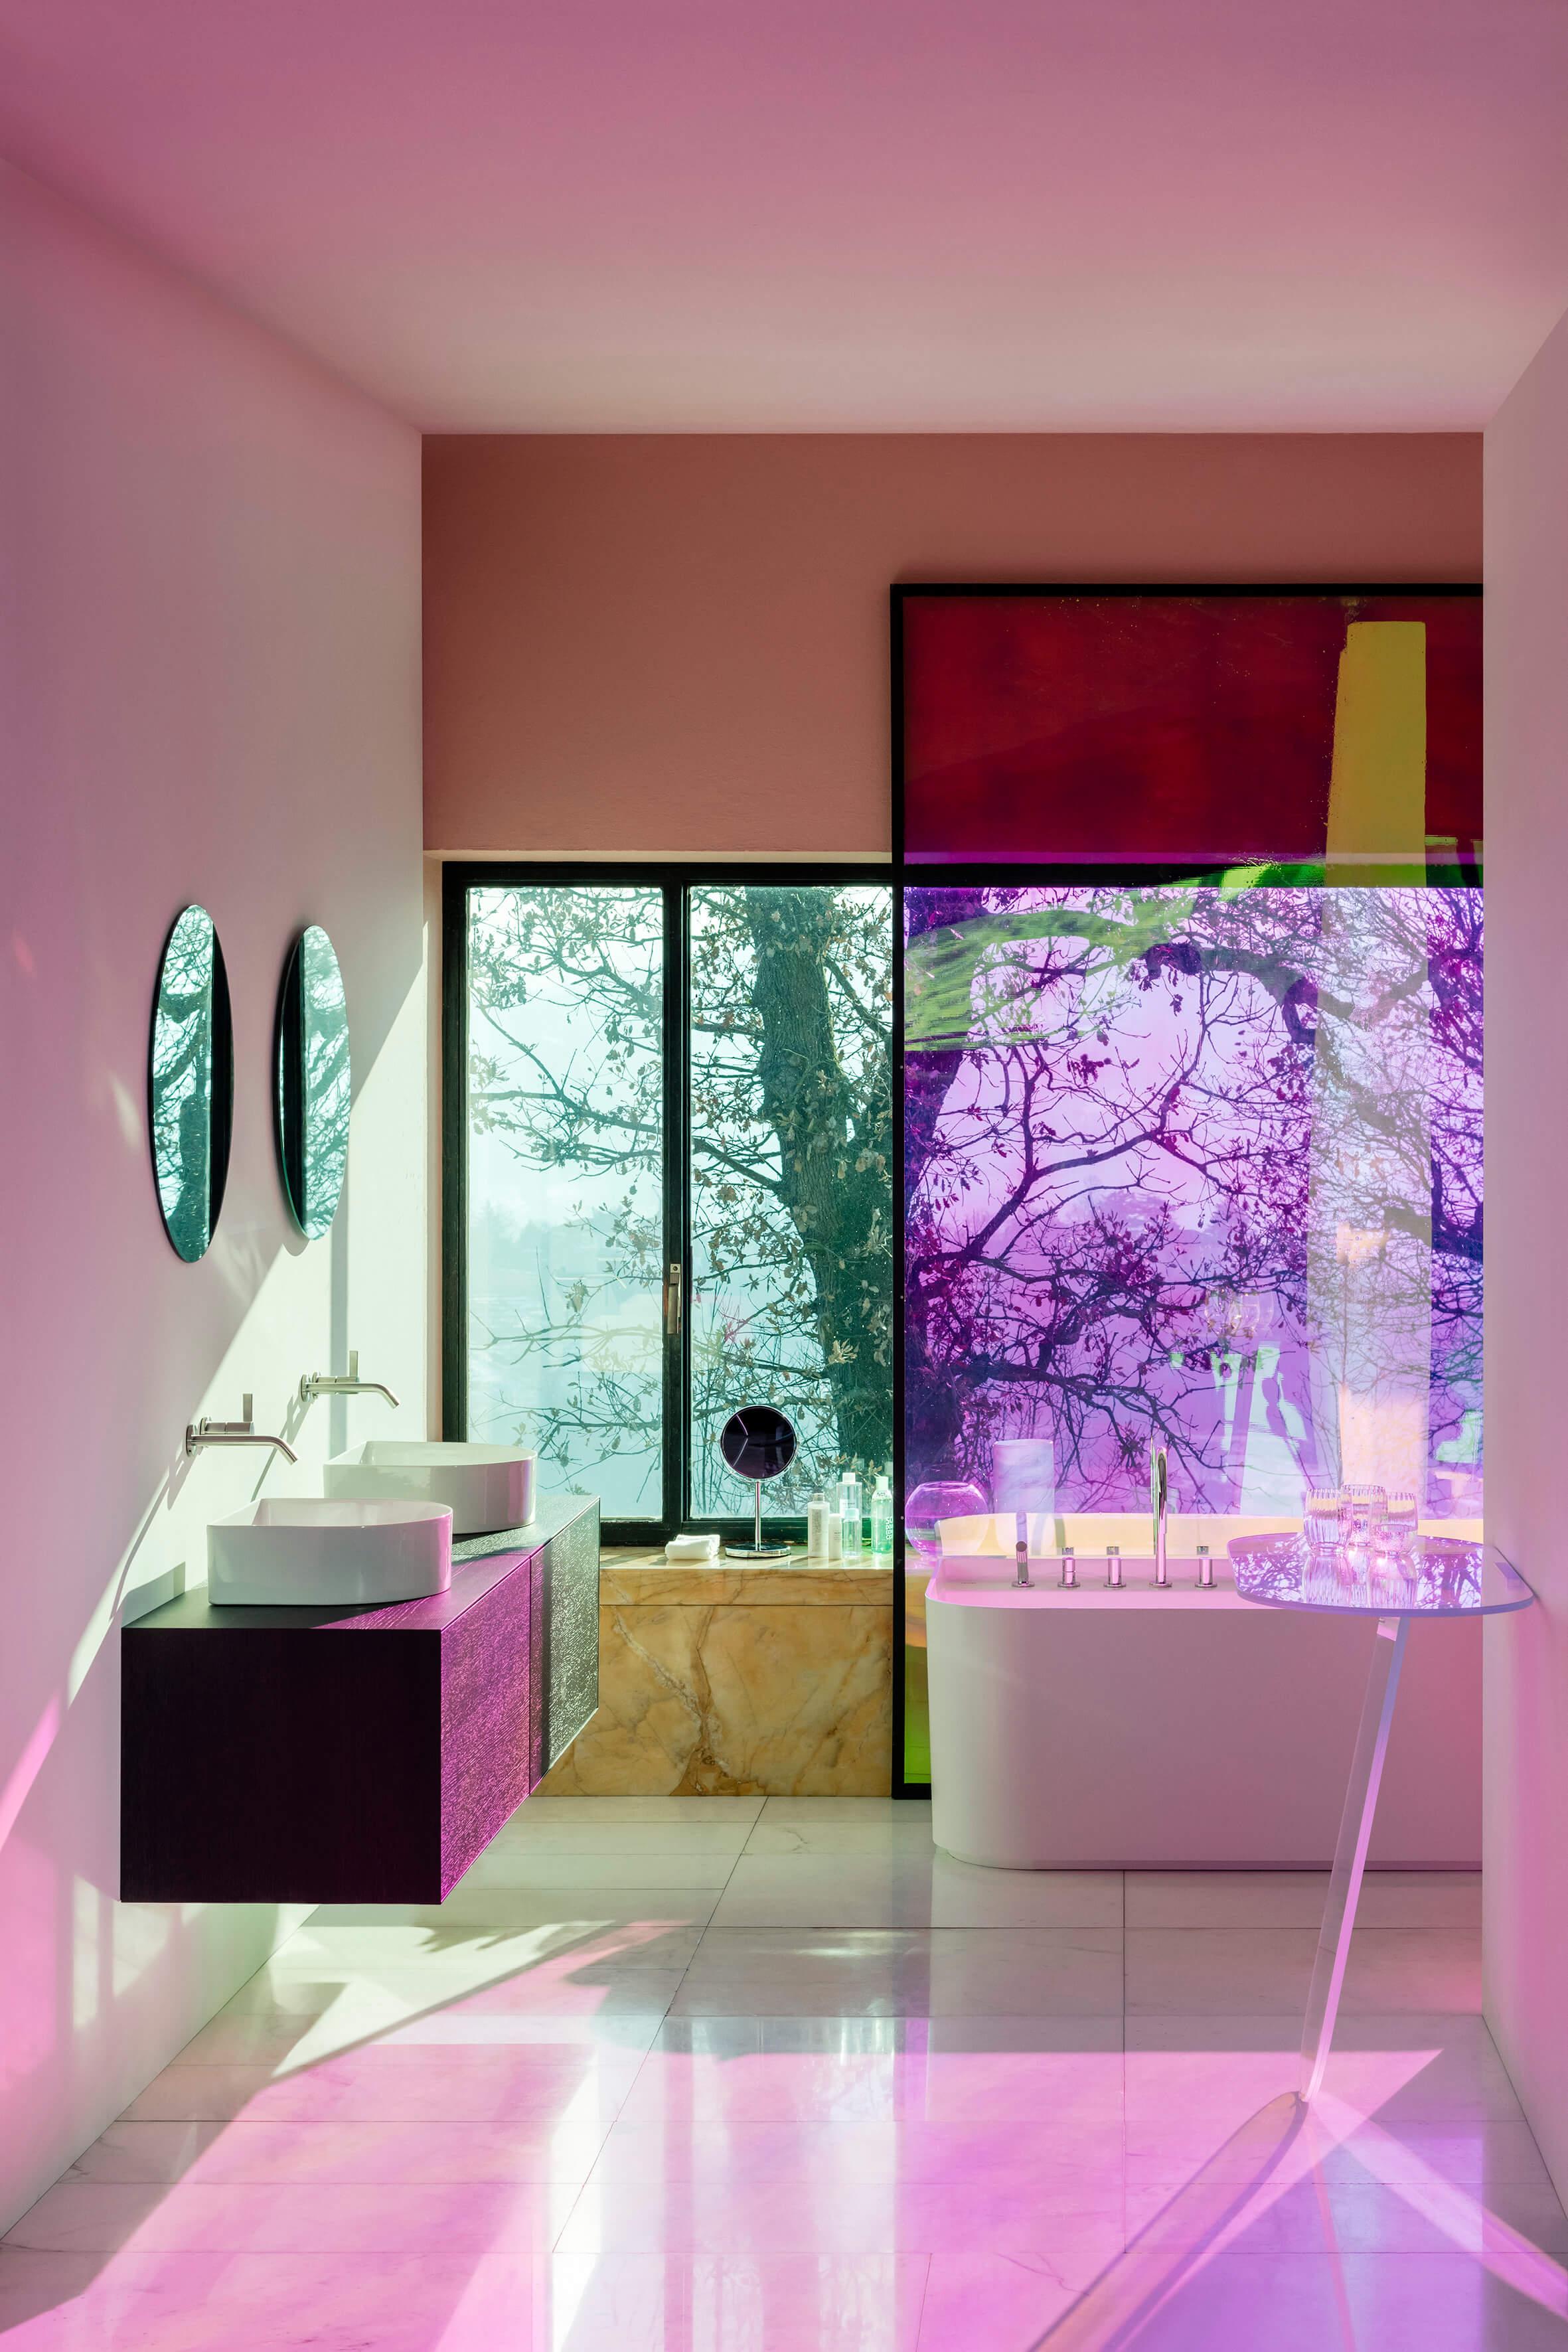 Laufen by Kartell Neuheiten: Farben und Formen neu erleben